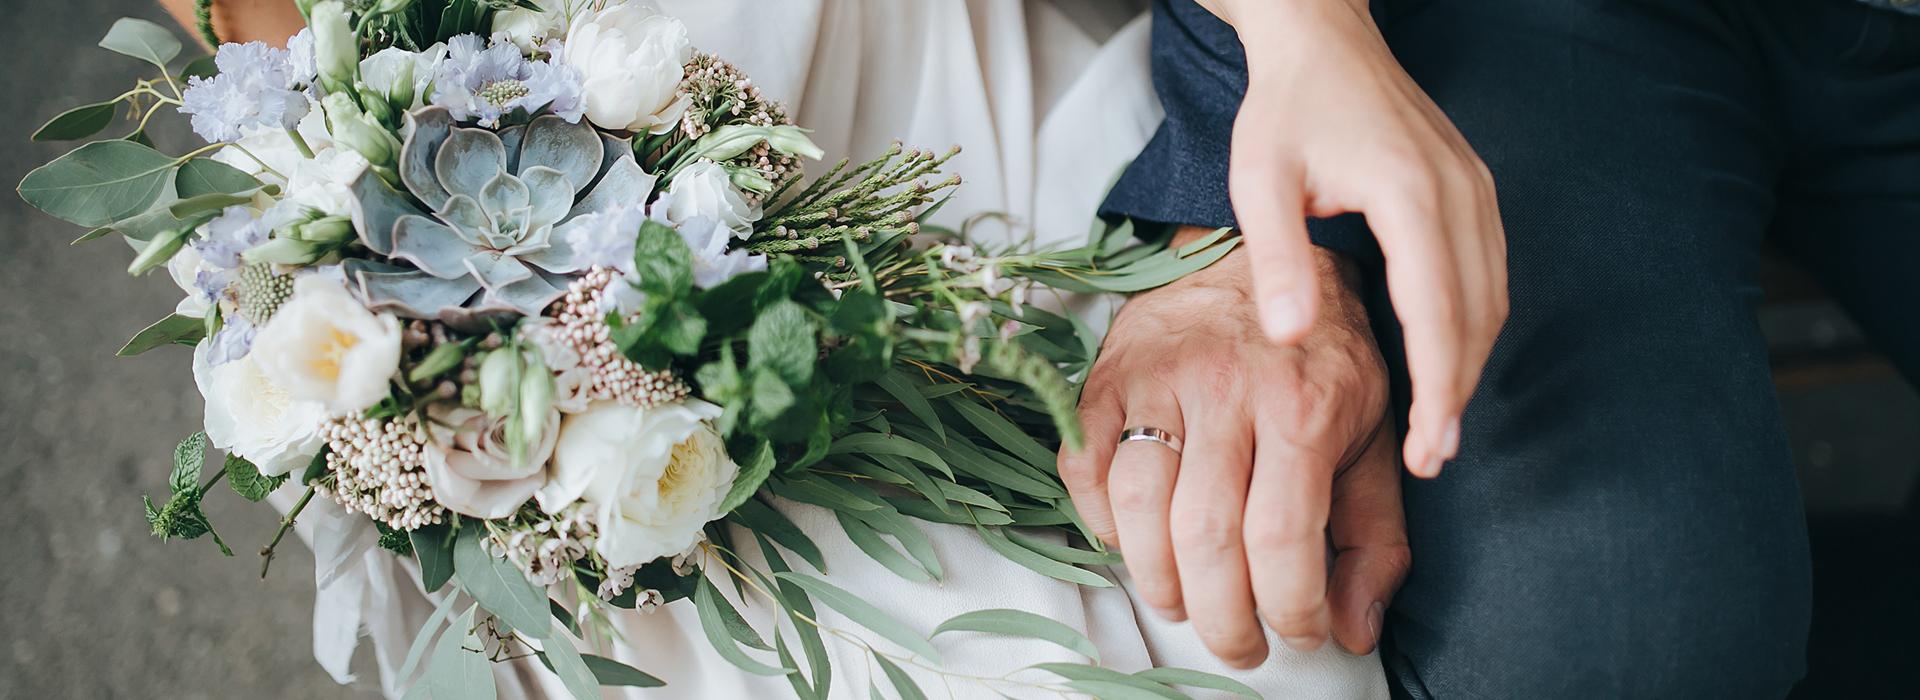 紅顏婚姻多薄命?從艾莉絲再婚新聞看出對女性的刻板歧視